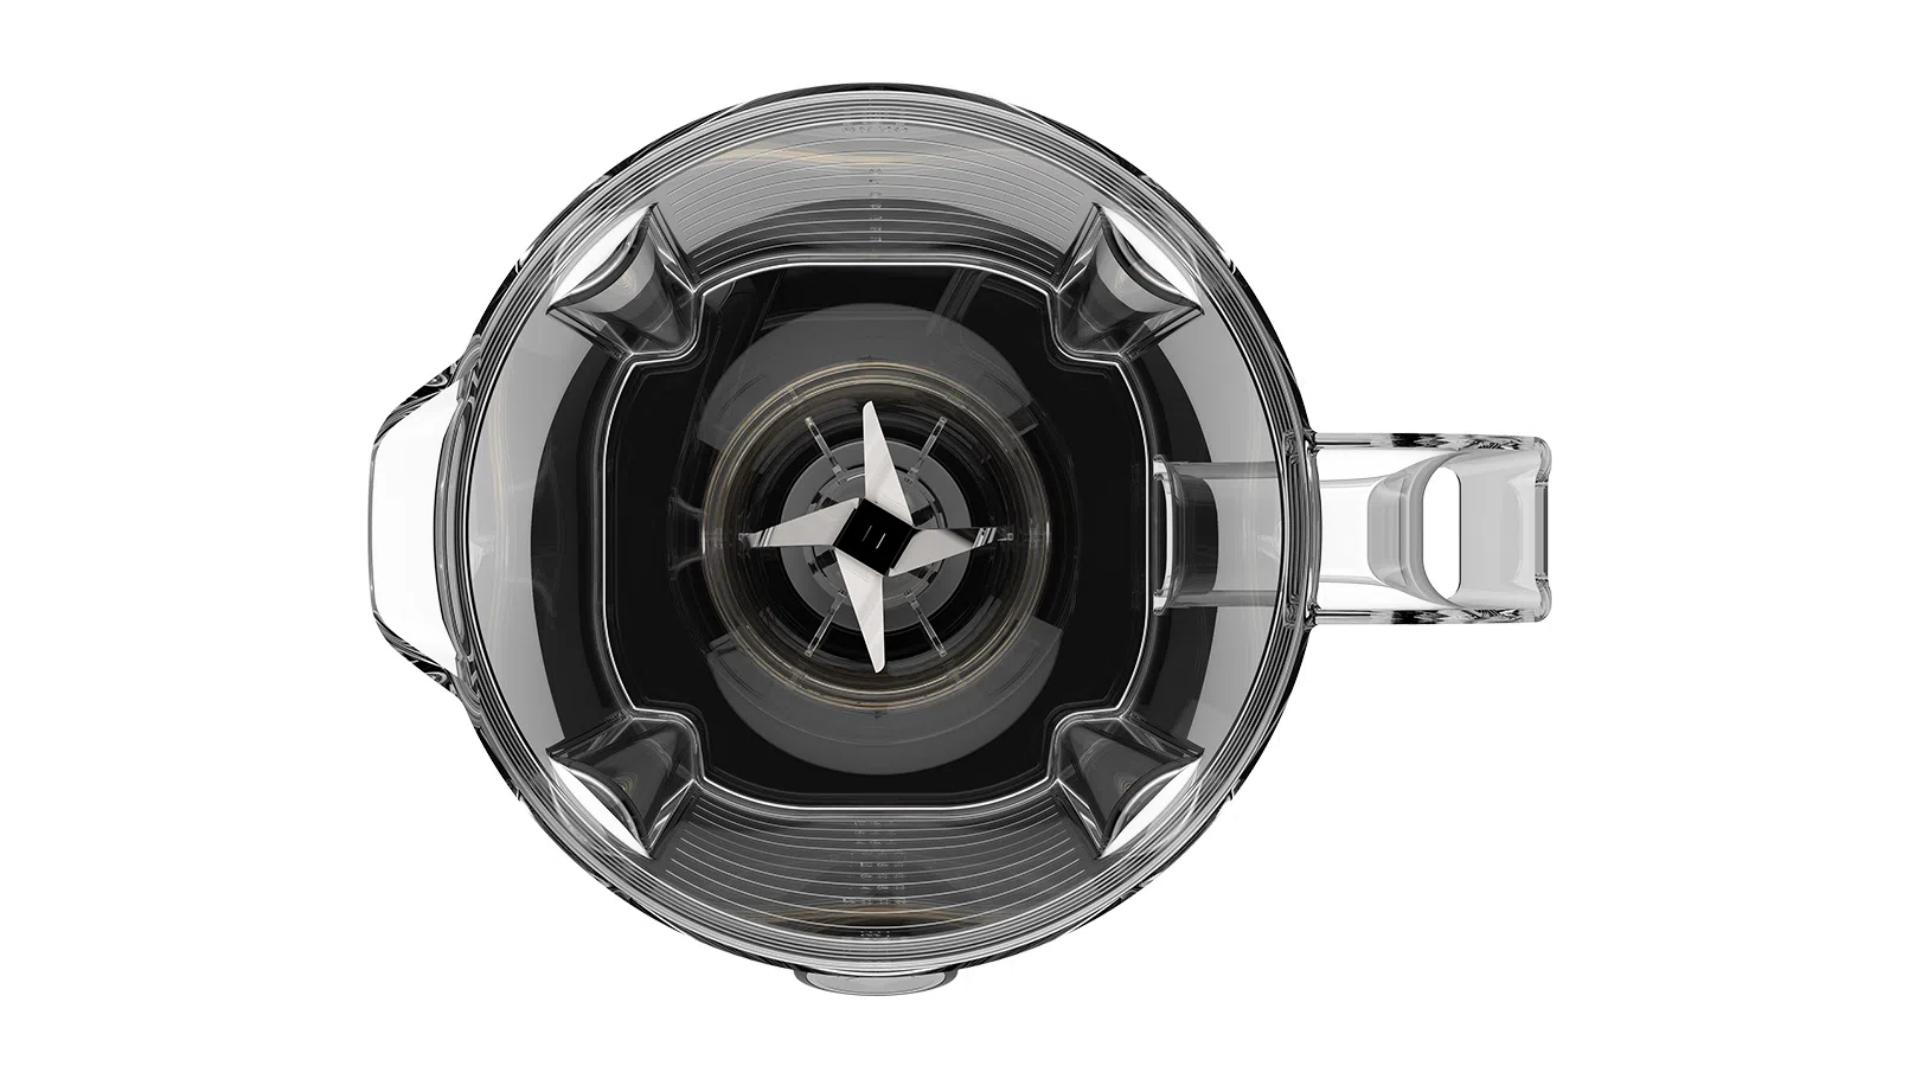 As lâminas do Liquidificador Cadence Robust trituram com eficiência sólidos e líquidos (Imagem: Divulgação/Cadence)